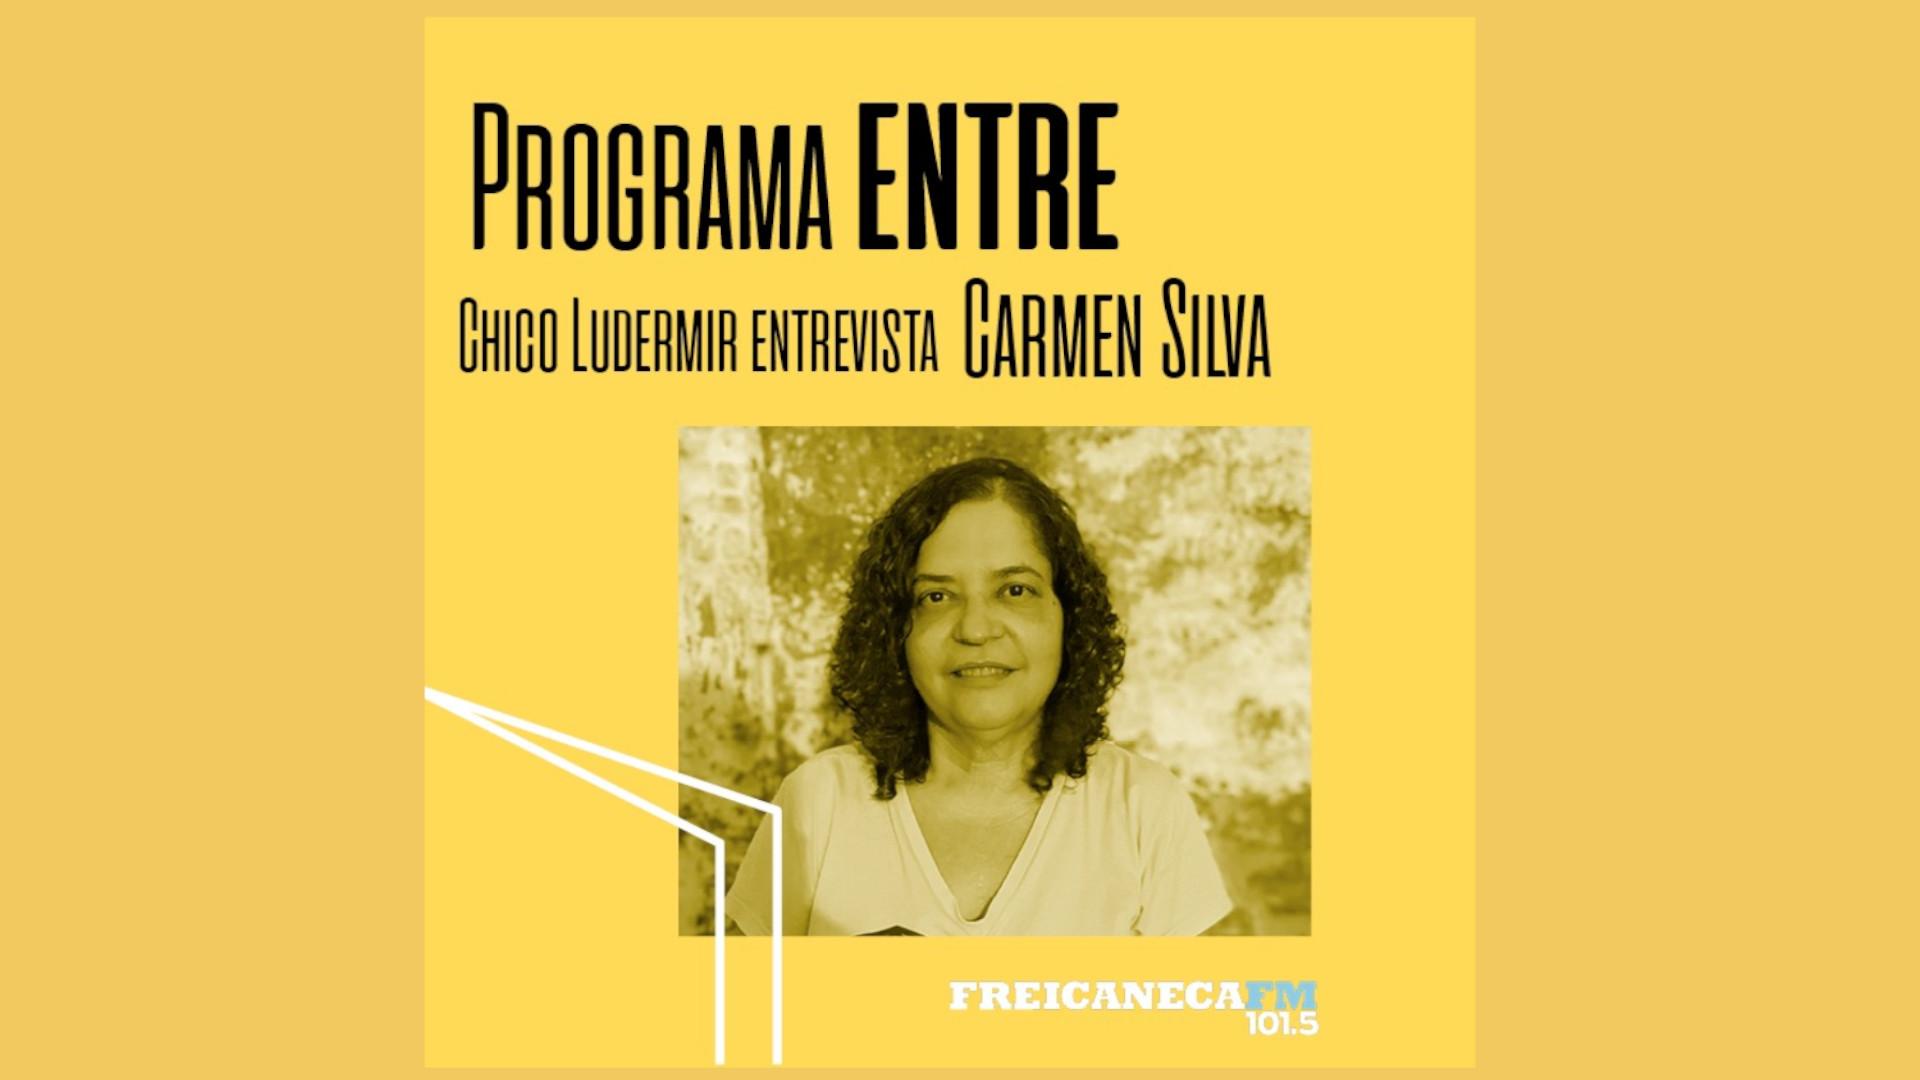 Programa Entre entrevista Carmen Silva